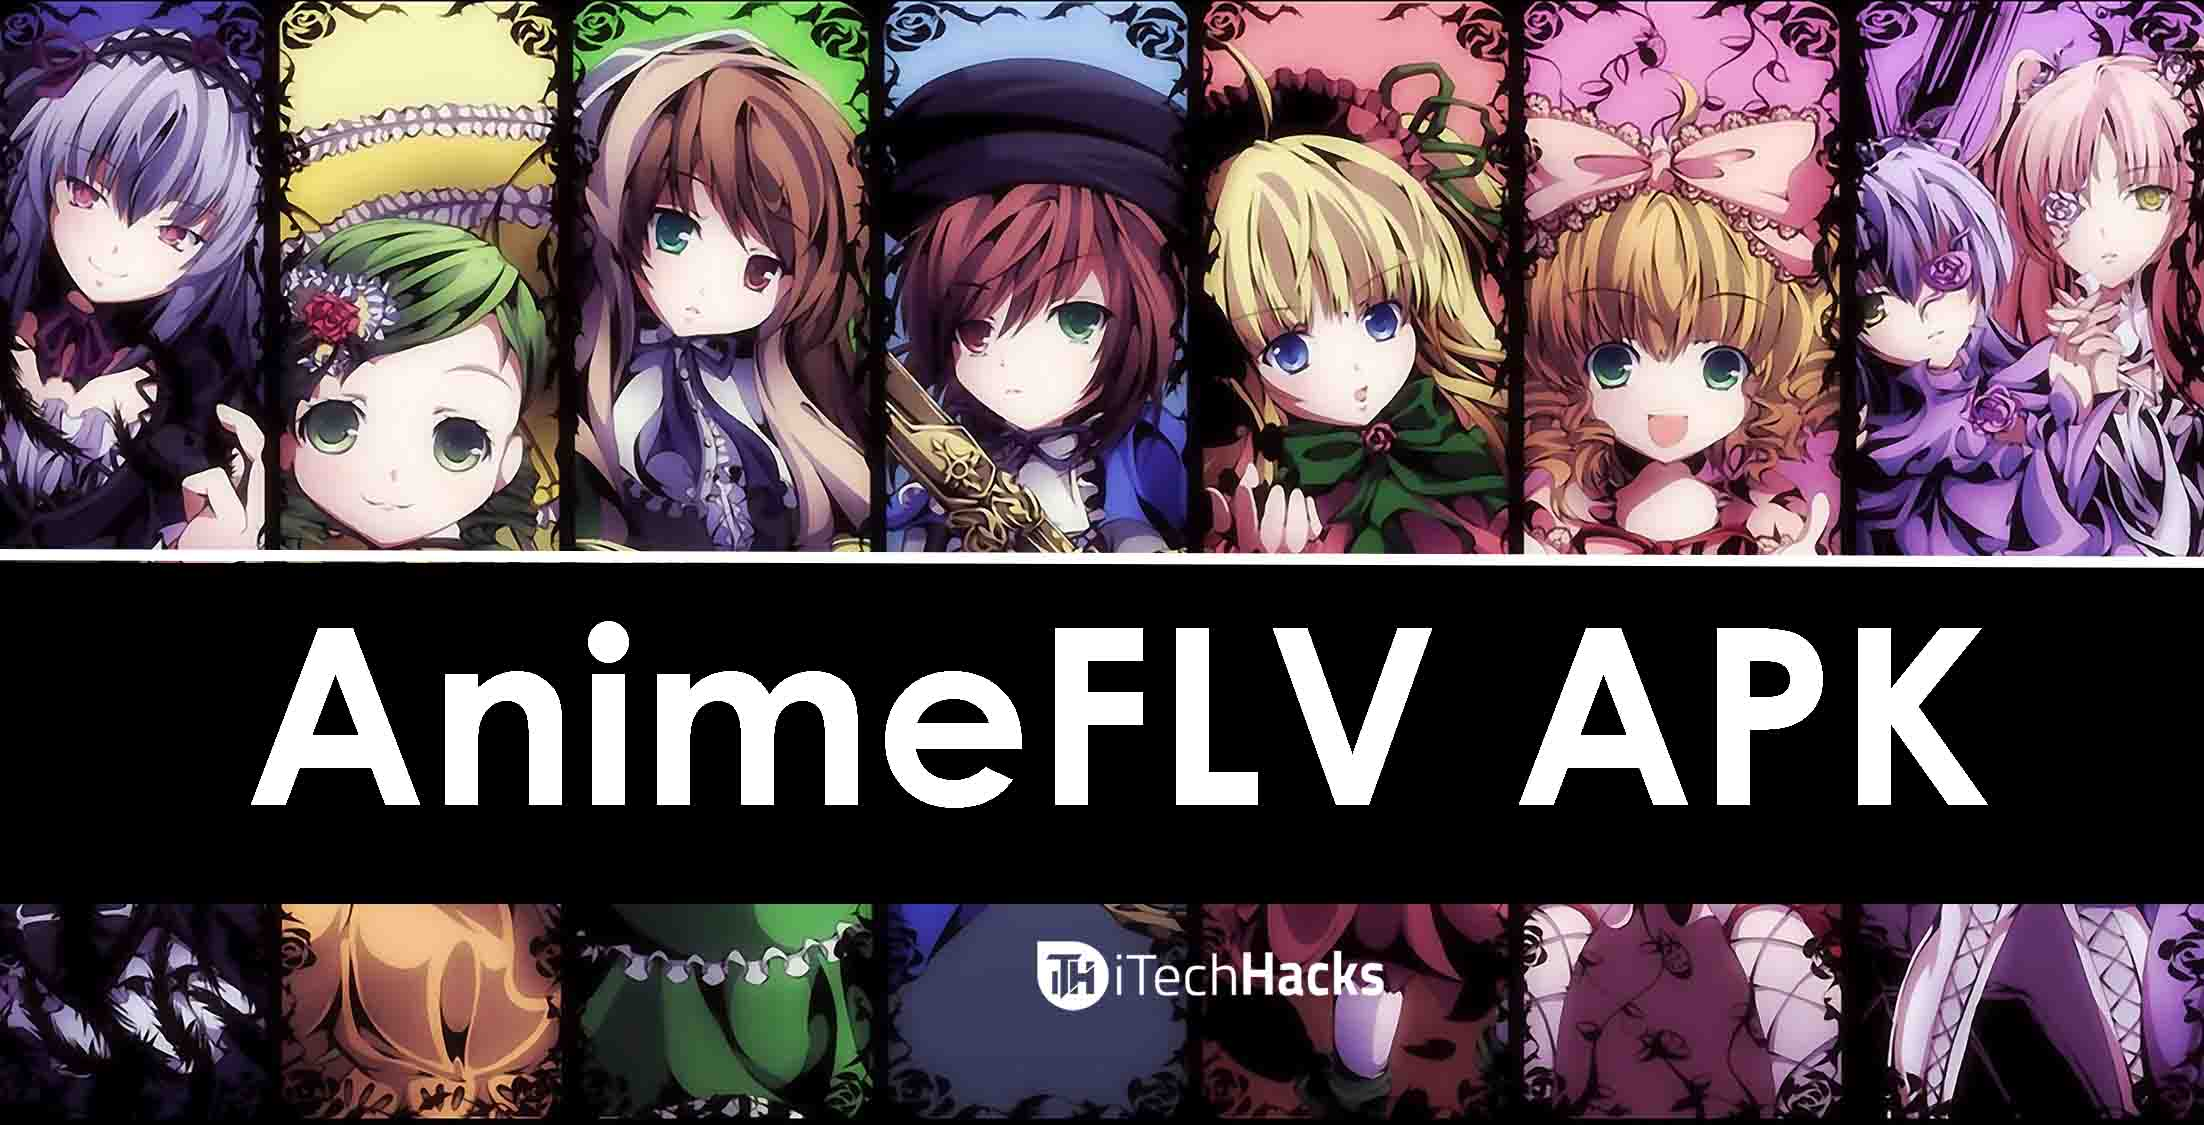 animeflv 2019: latest animeflv apk (100% working)